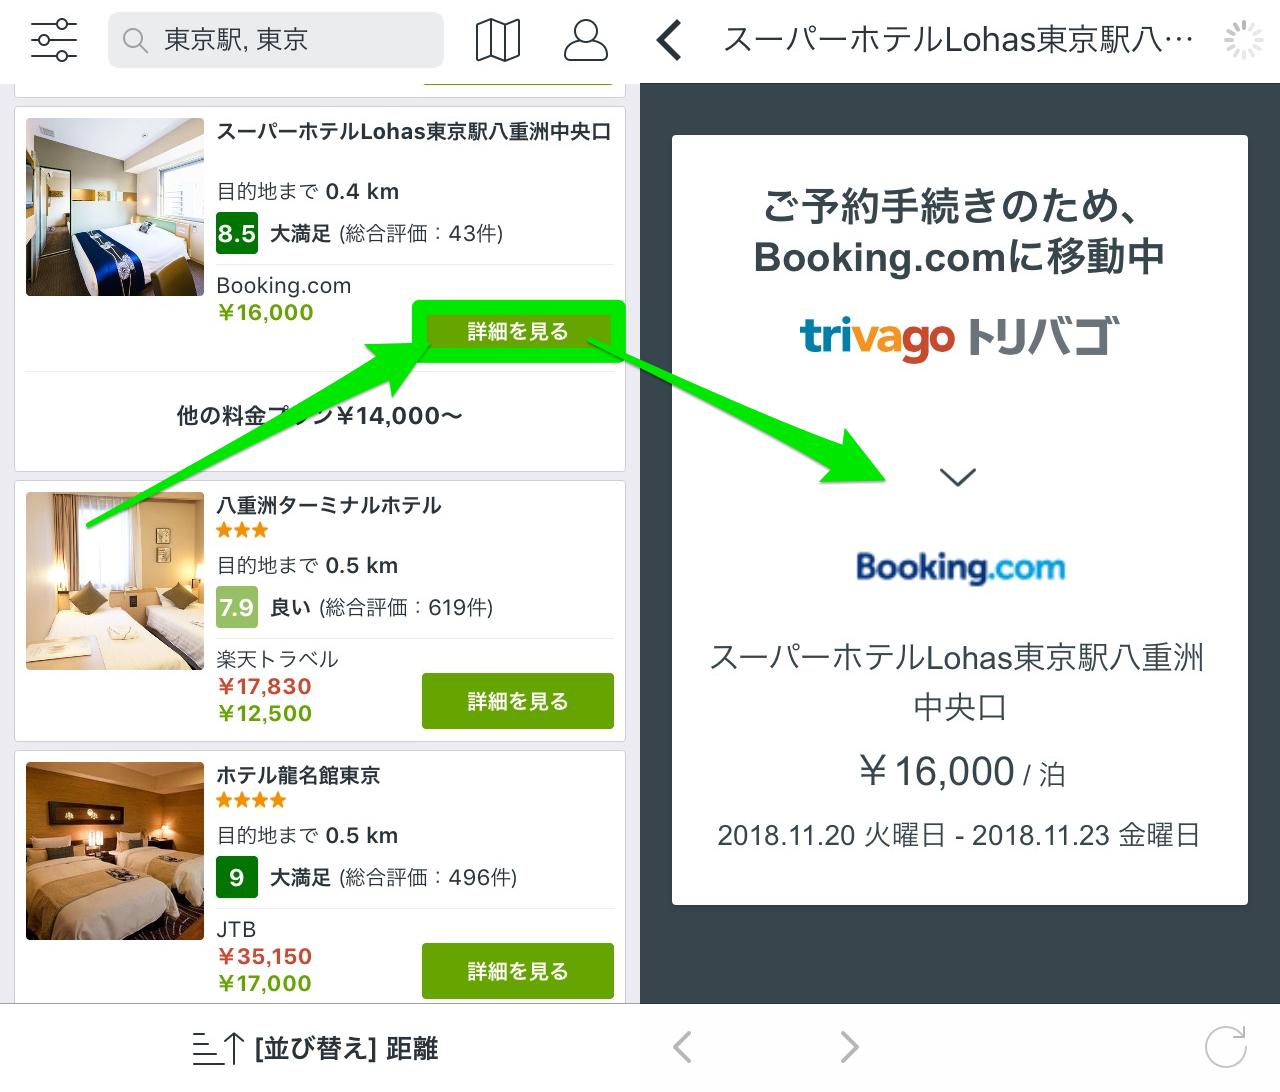 トリバゴ(trivago)アプリでホテルを予約